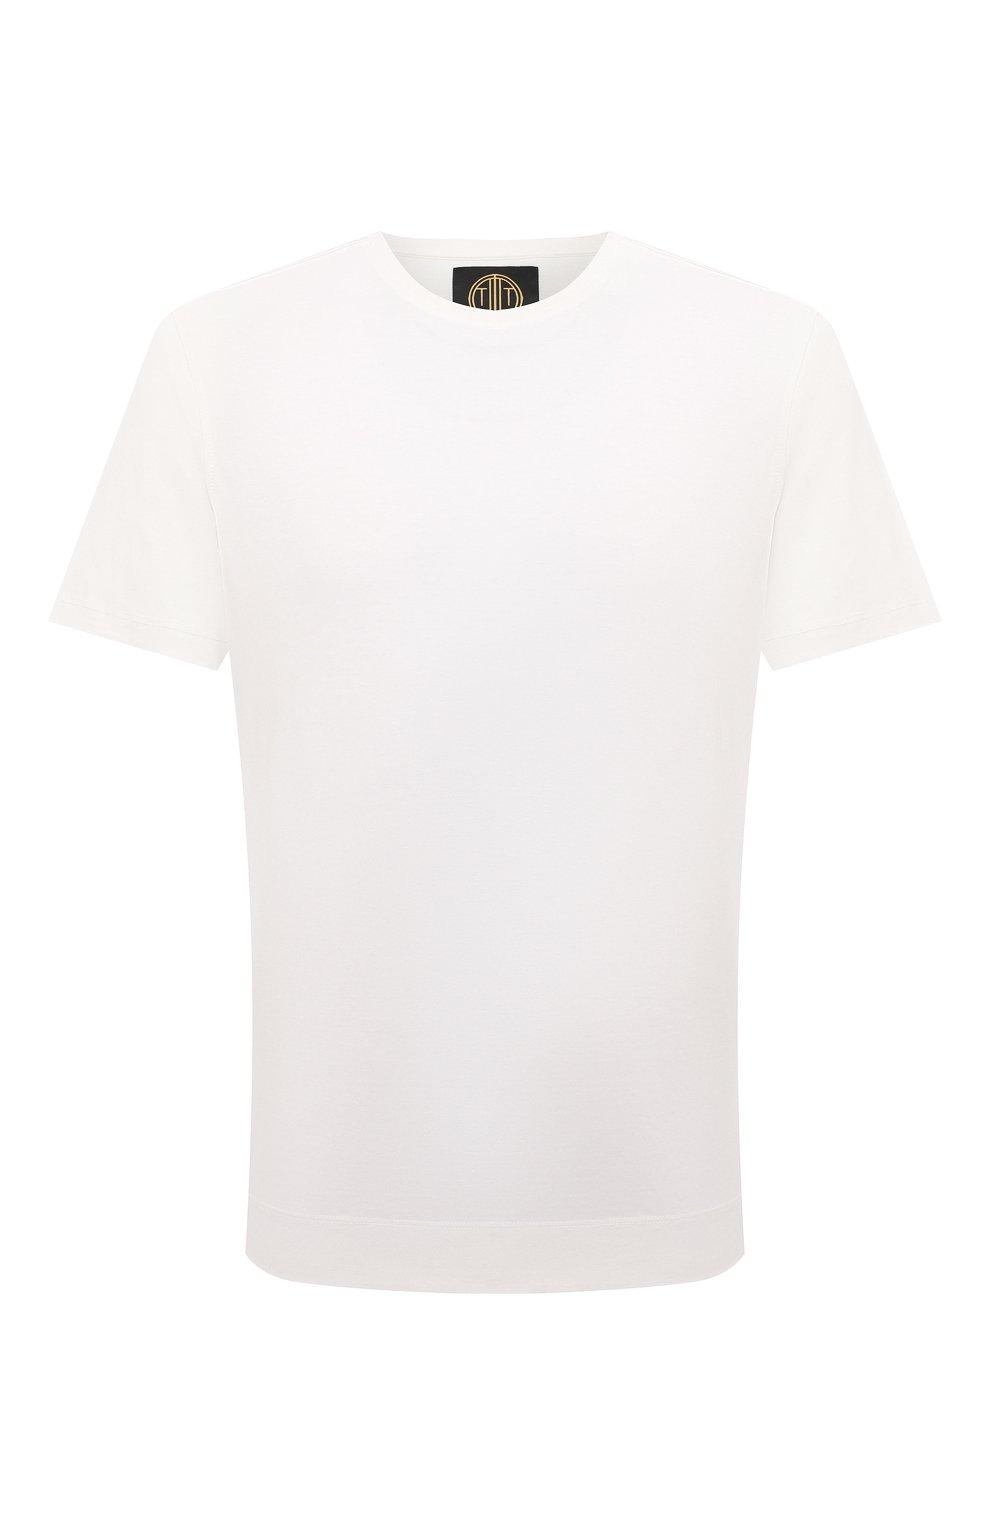 Мужская хлопковая футболка LIMITATO белого цвета, арт. EMBLEM/T-SHIRT | Фото 1 (Принт: Без принта; Рукава: Короткие; Длина (для топов): Стандартные; Материал внешний: Хлопок)